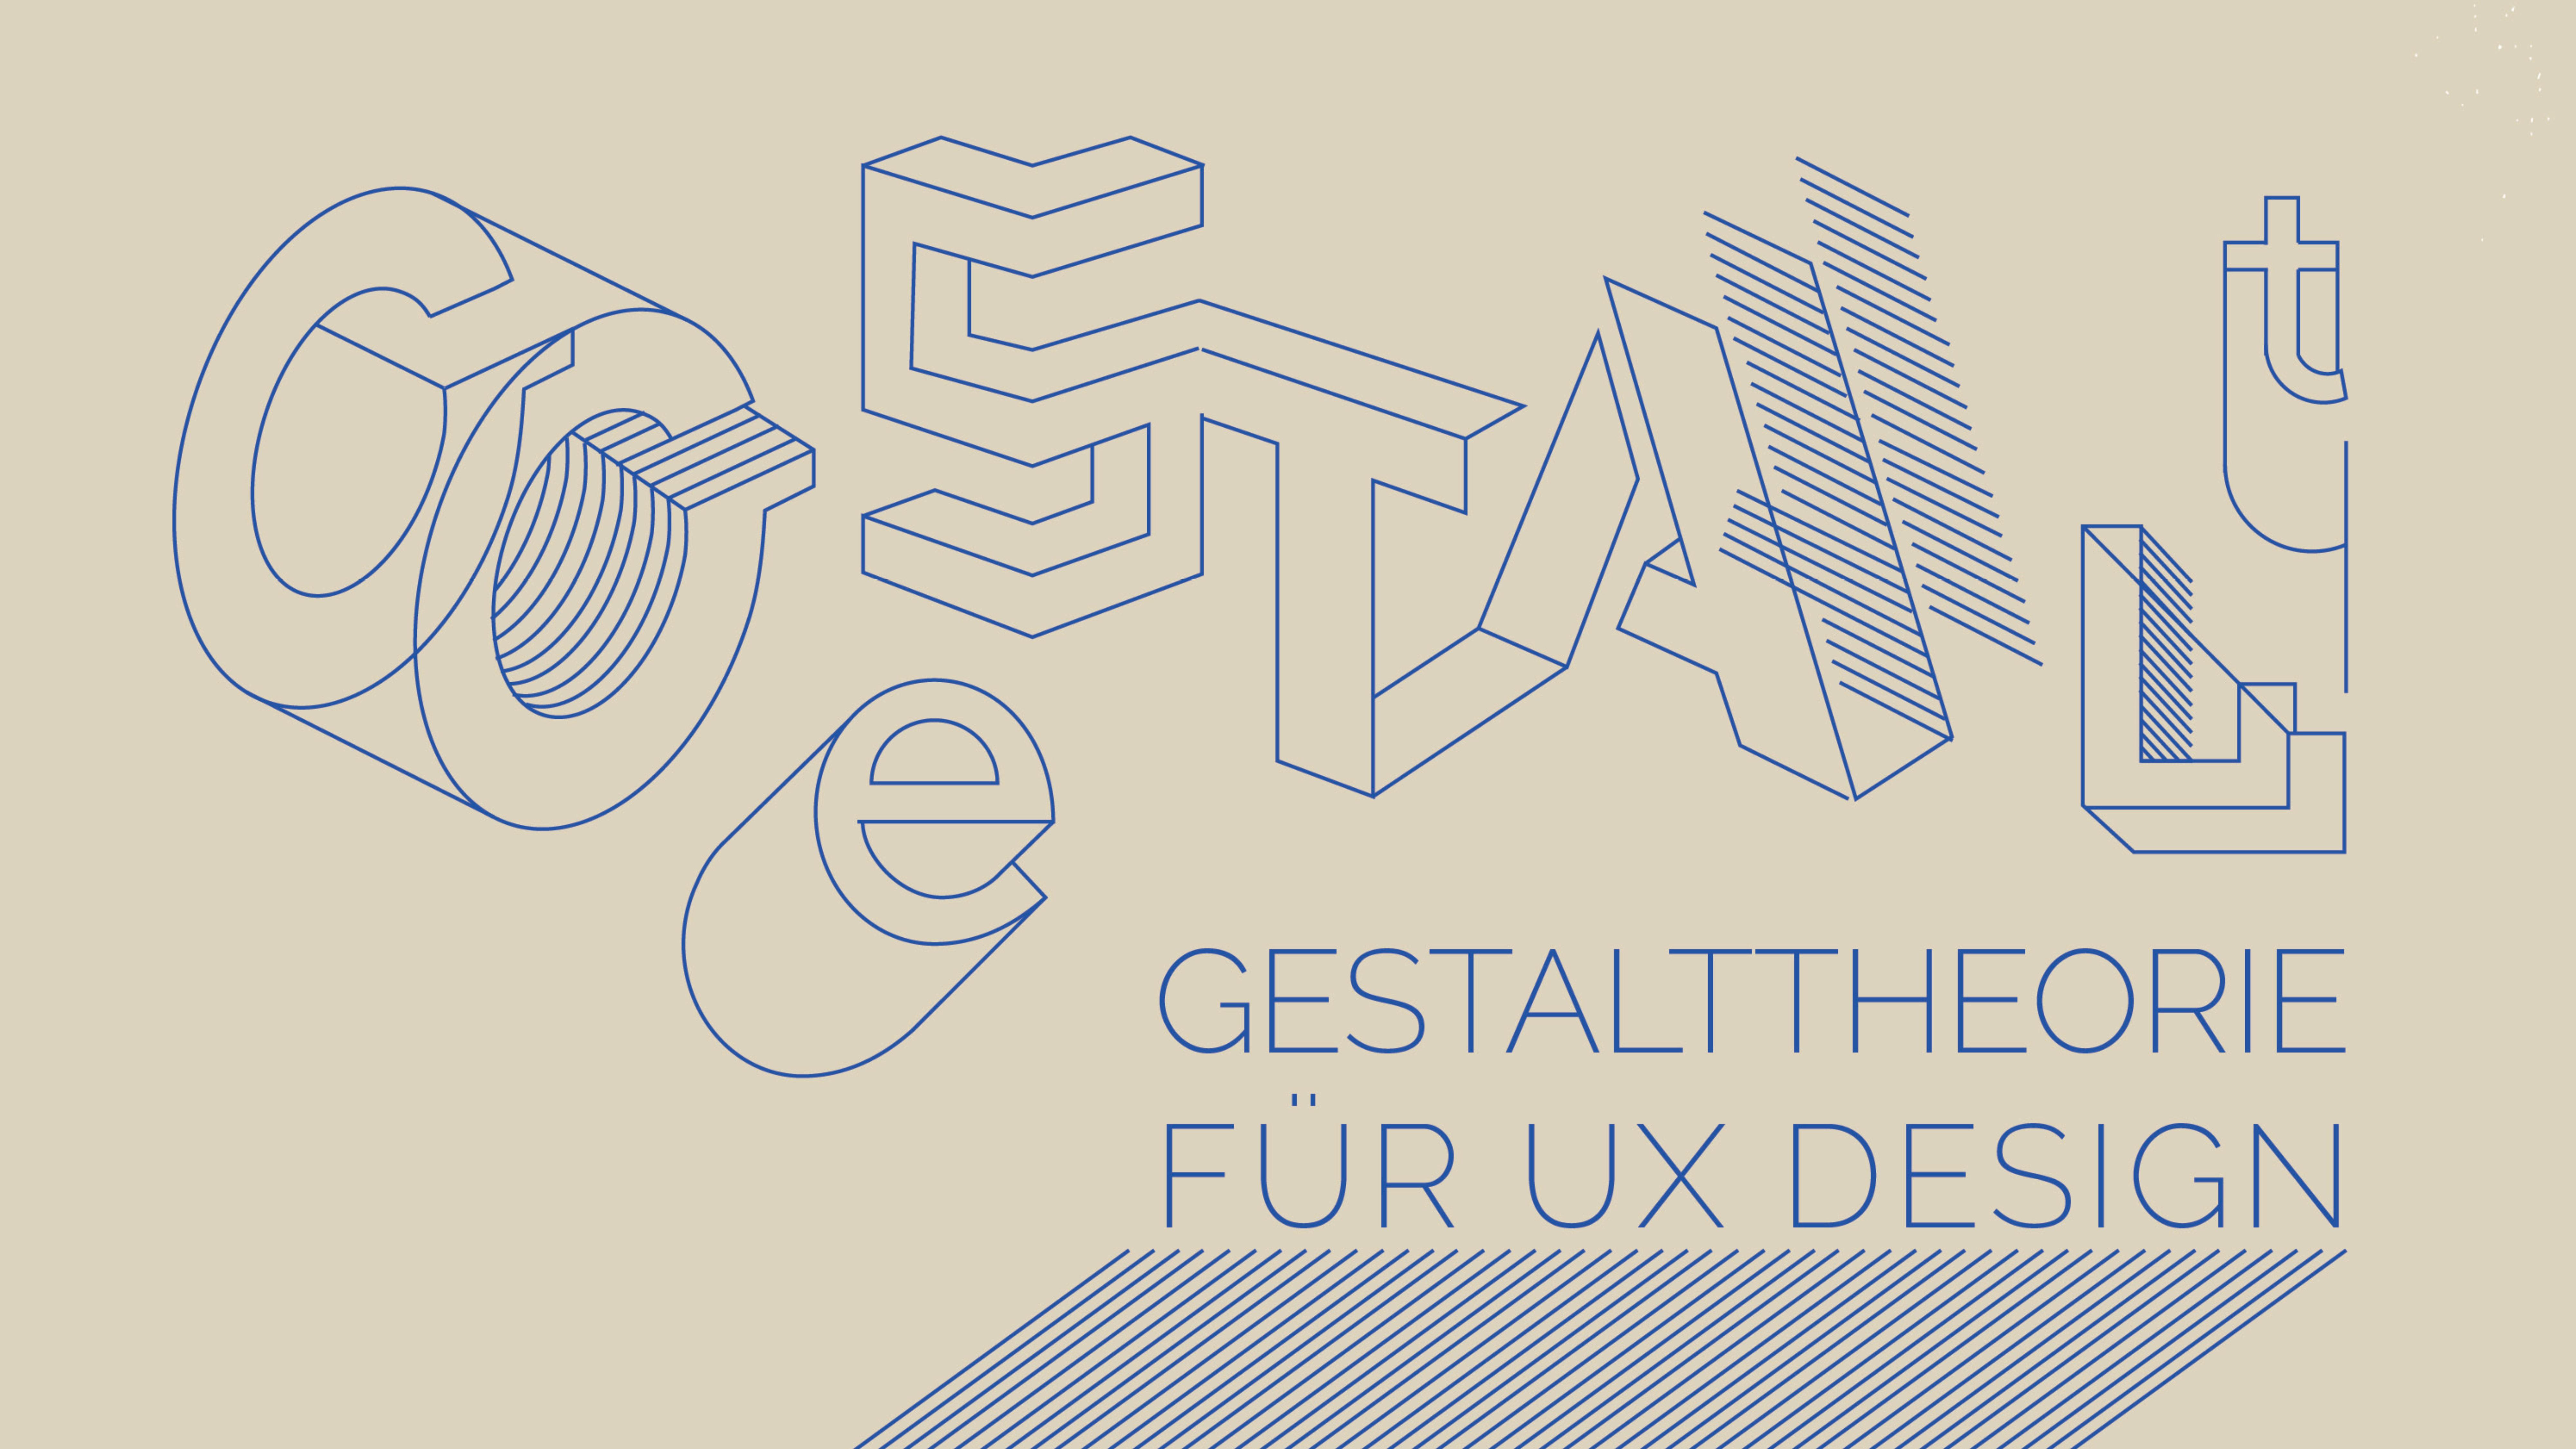 Gestalttheorie für UX Design